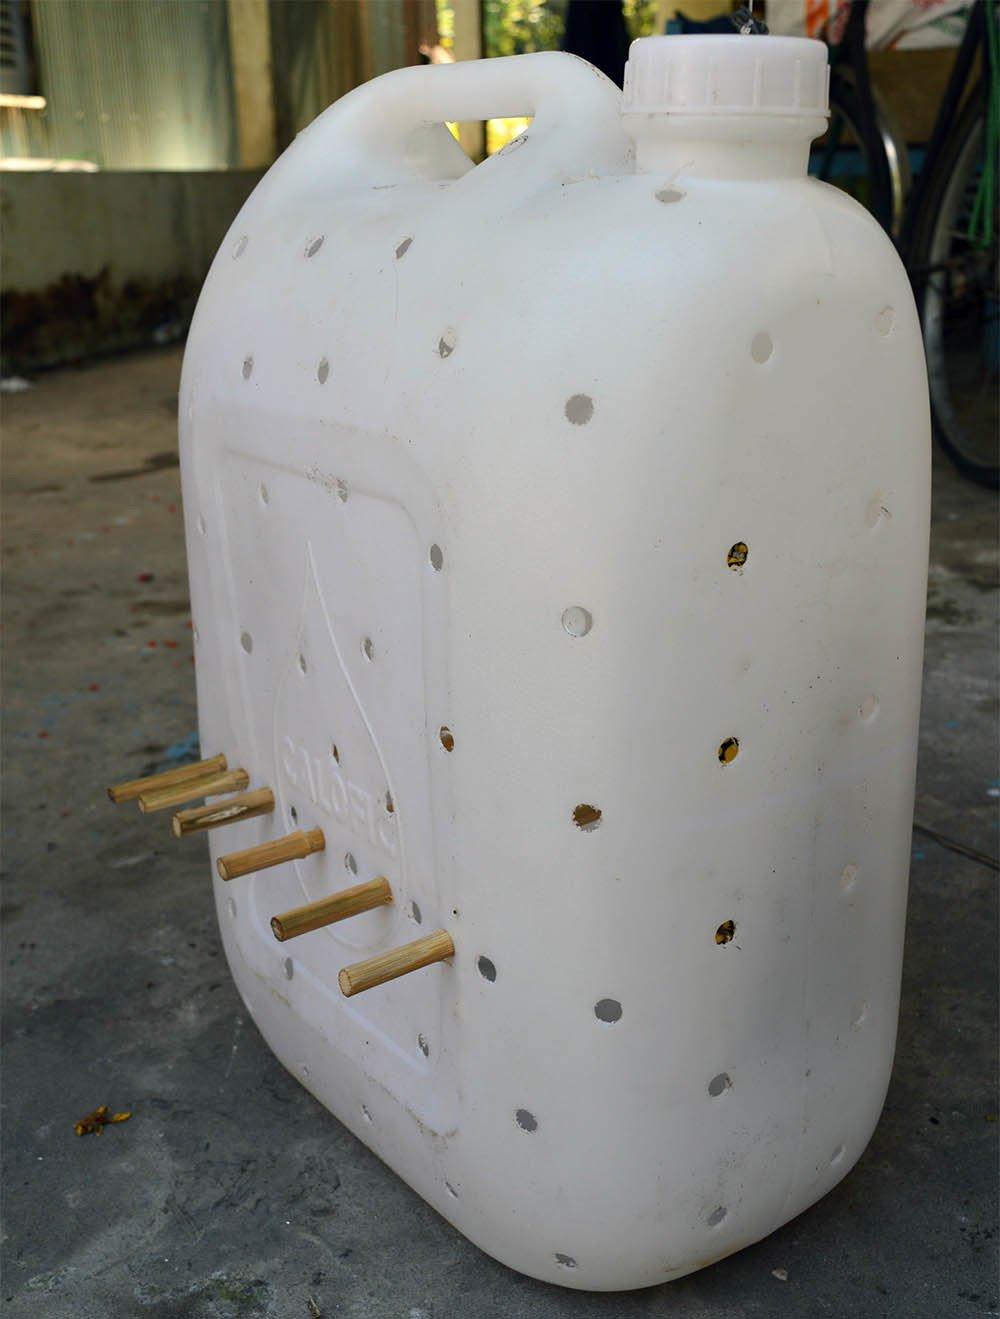 Chuyện lạ miền Tây: Phát hãi ngàn con lươn lúc nhúc trong cái can nhựa-2